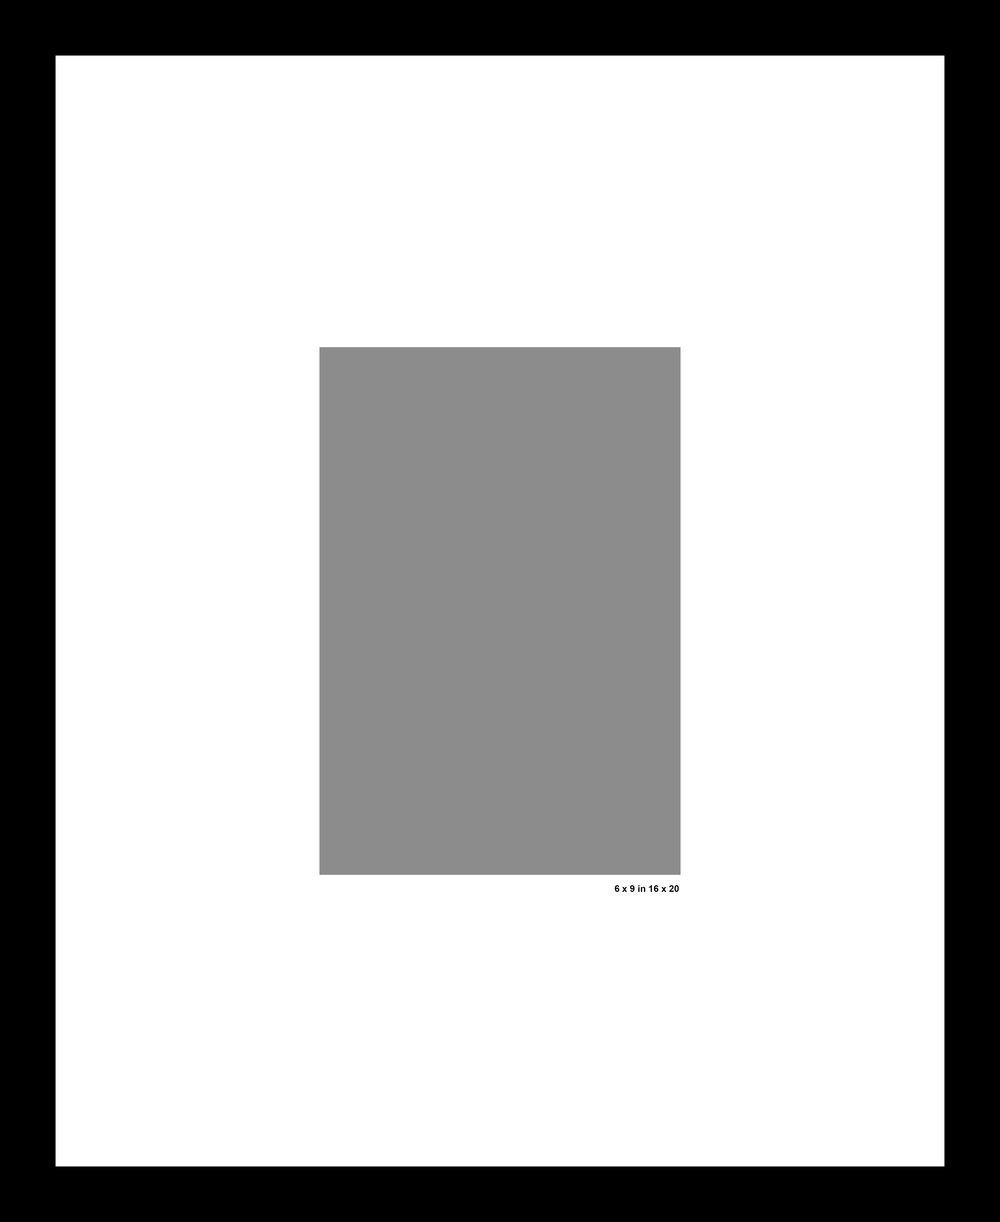 6x9 IN 16x20